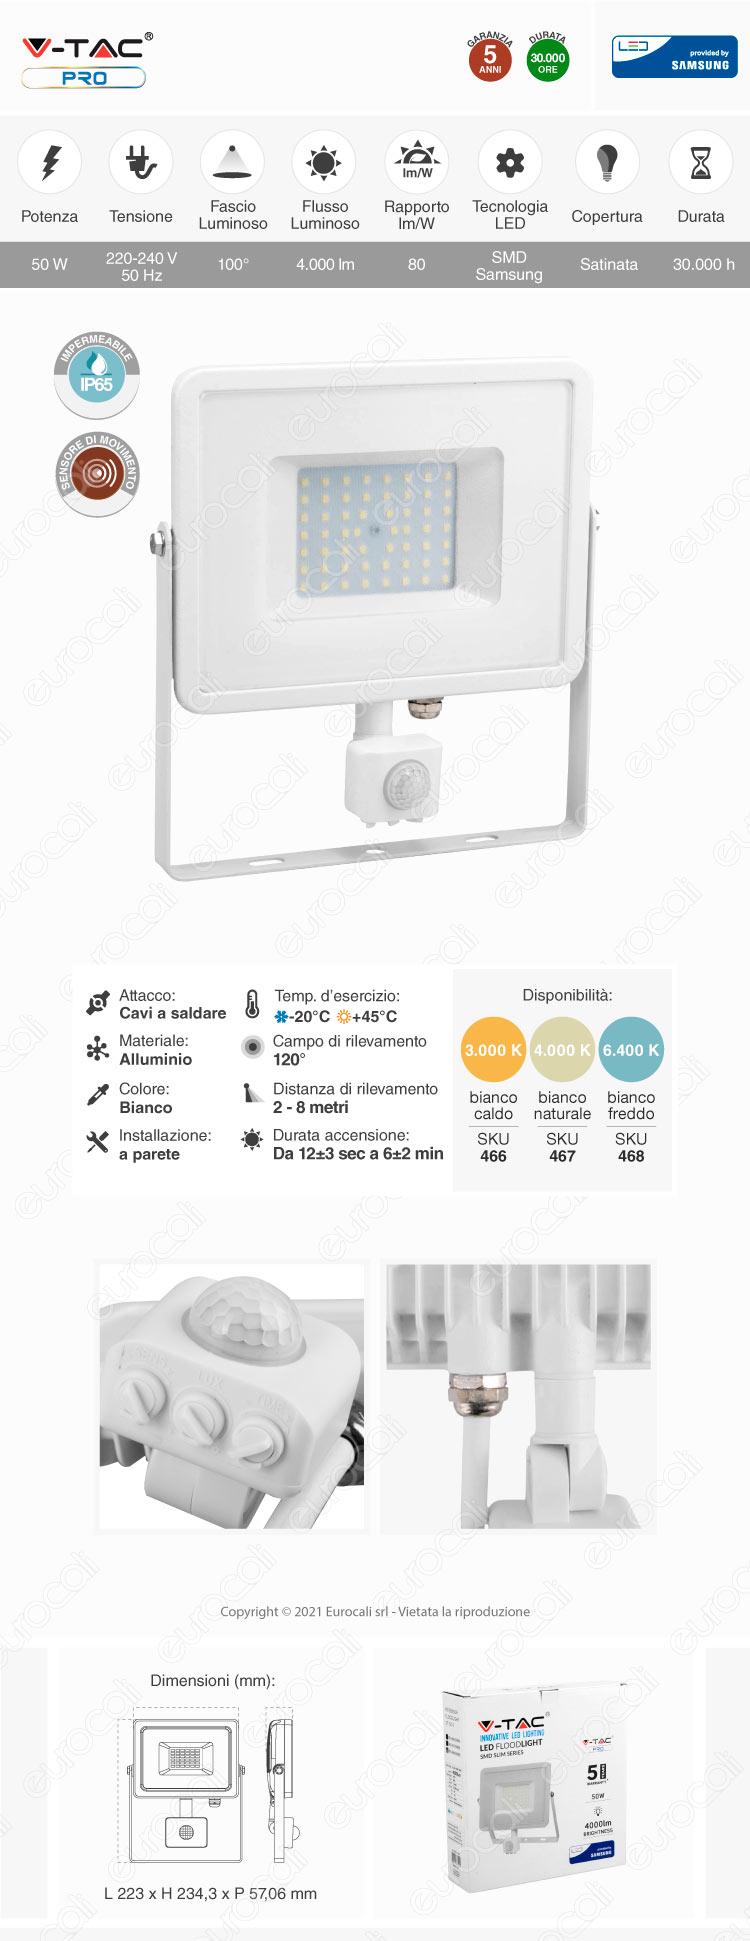 V-Tac PRO VT-50-S Faretto LED 50W Ultra Sottile Slim Chip Samsung con Sensore Colore Bianco